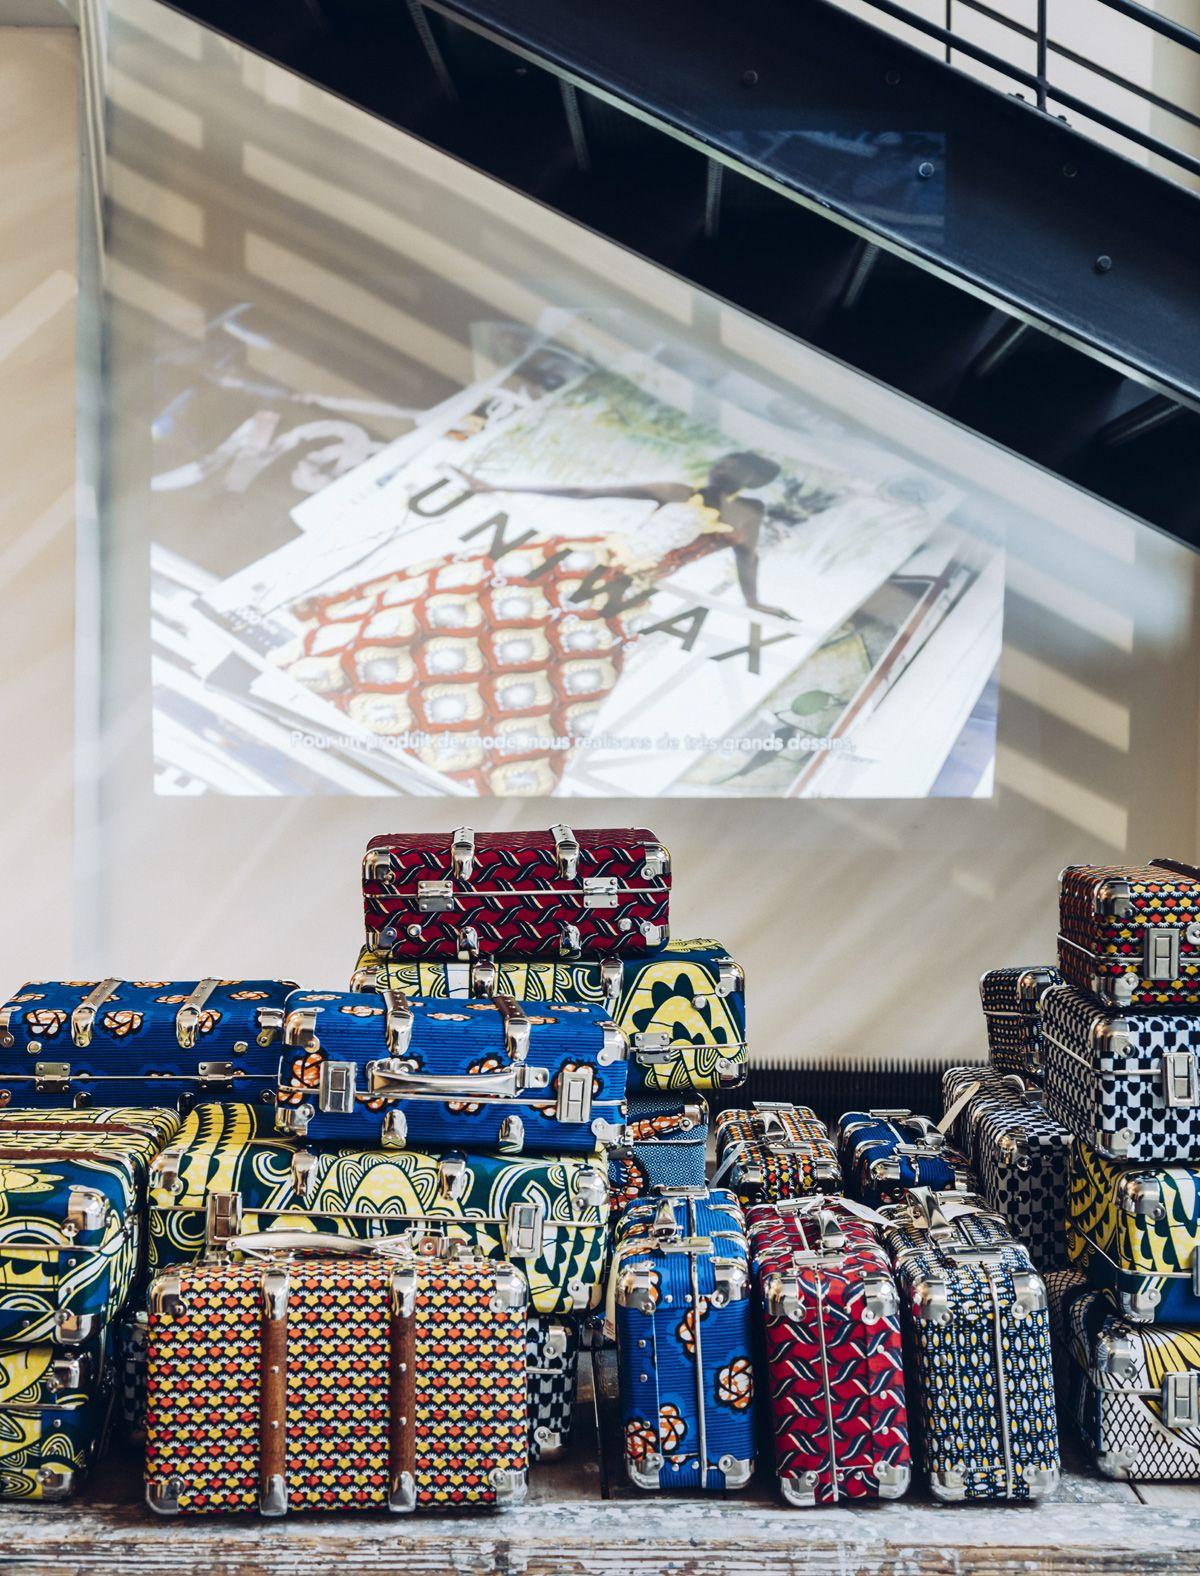 SO WAX - jusqu'au 26 Mars 2016   Merci met à l'honneur le wax, tissu emblématique du continent africain. A travers la jeune garde de créateurs africains, une collection mode signée Merci-Merci, des bijoux, des meubles et des objets, Merci nous fait découvrir une Afrique contemporaine, authentique et surtout sans folklore. Séduisante, enjôleuse, joyeuse et sensuelle...